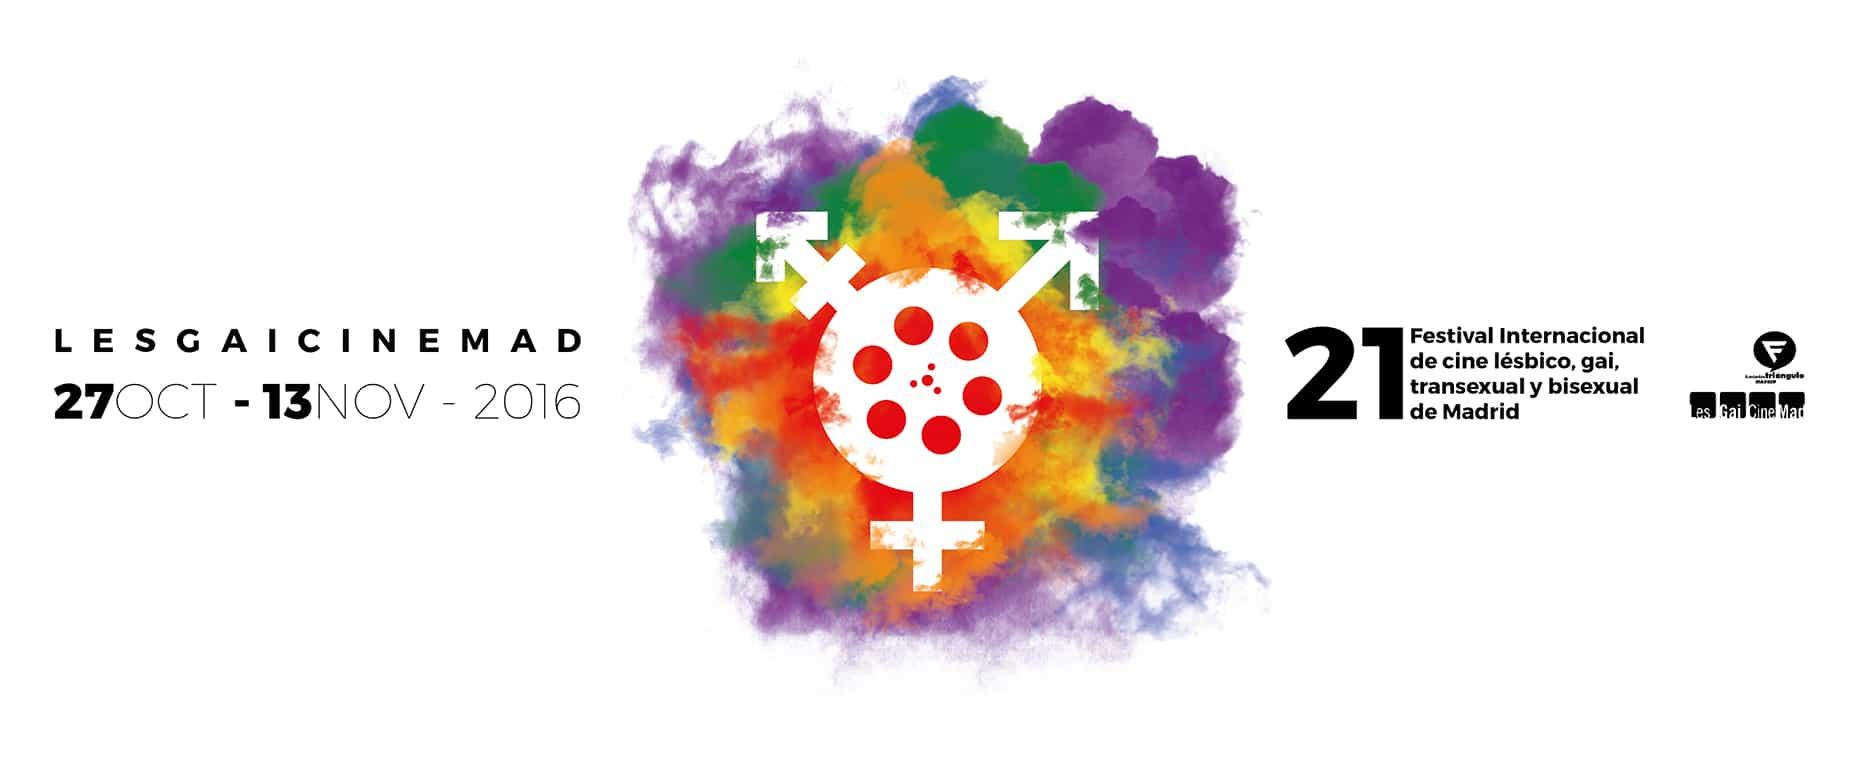 21-edición-del-LesGaiCineMad Las películas lésbicas (y sus fechas) del LesGaiCineMad 2016